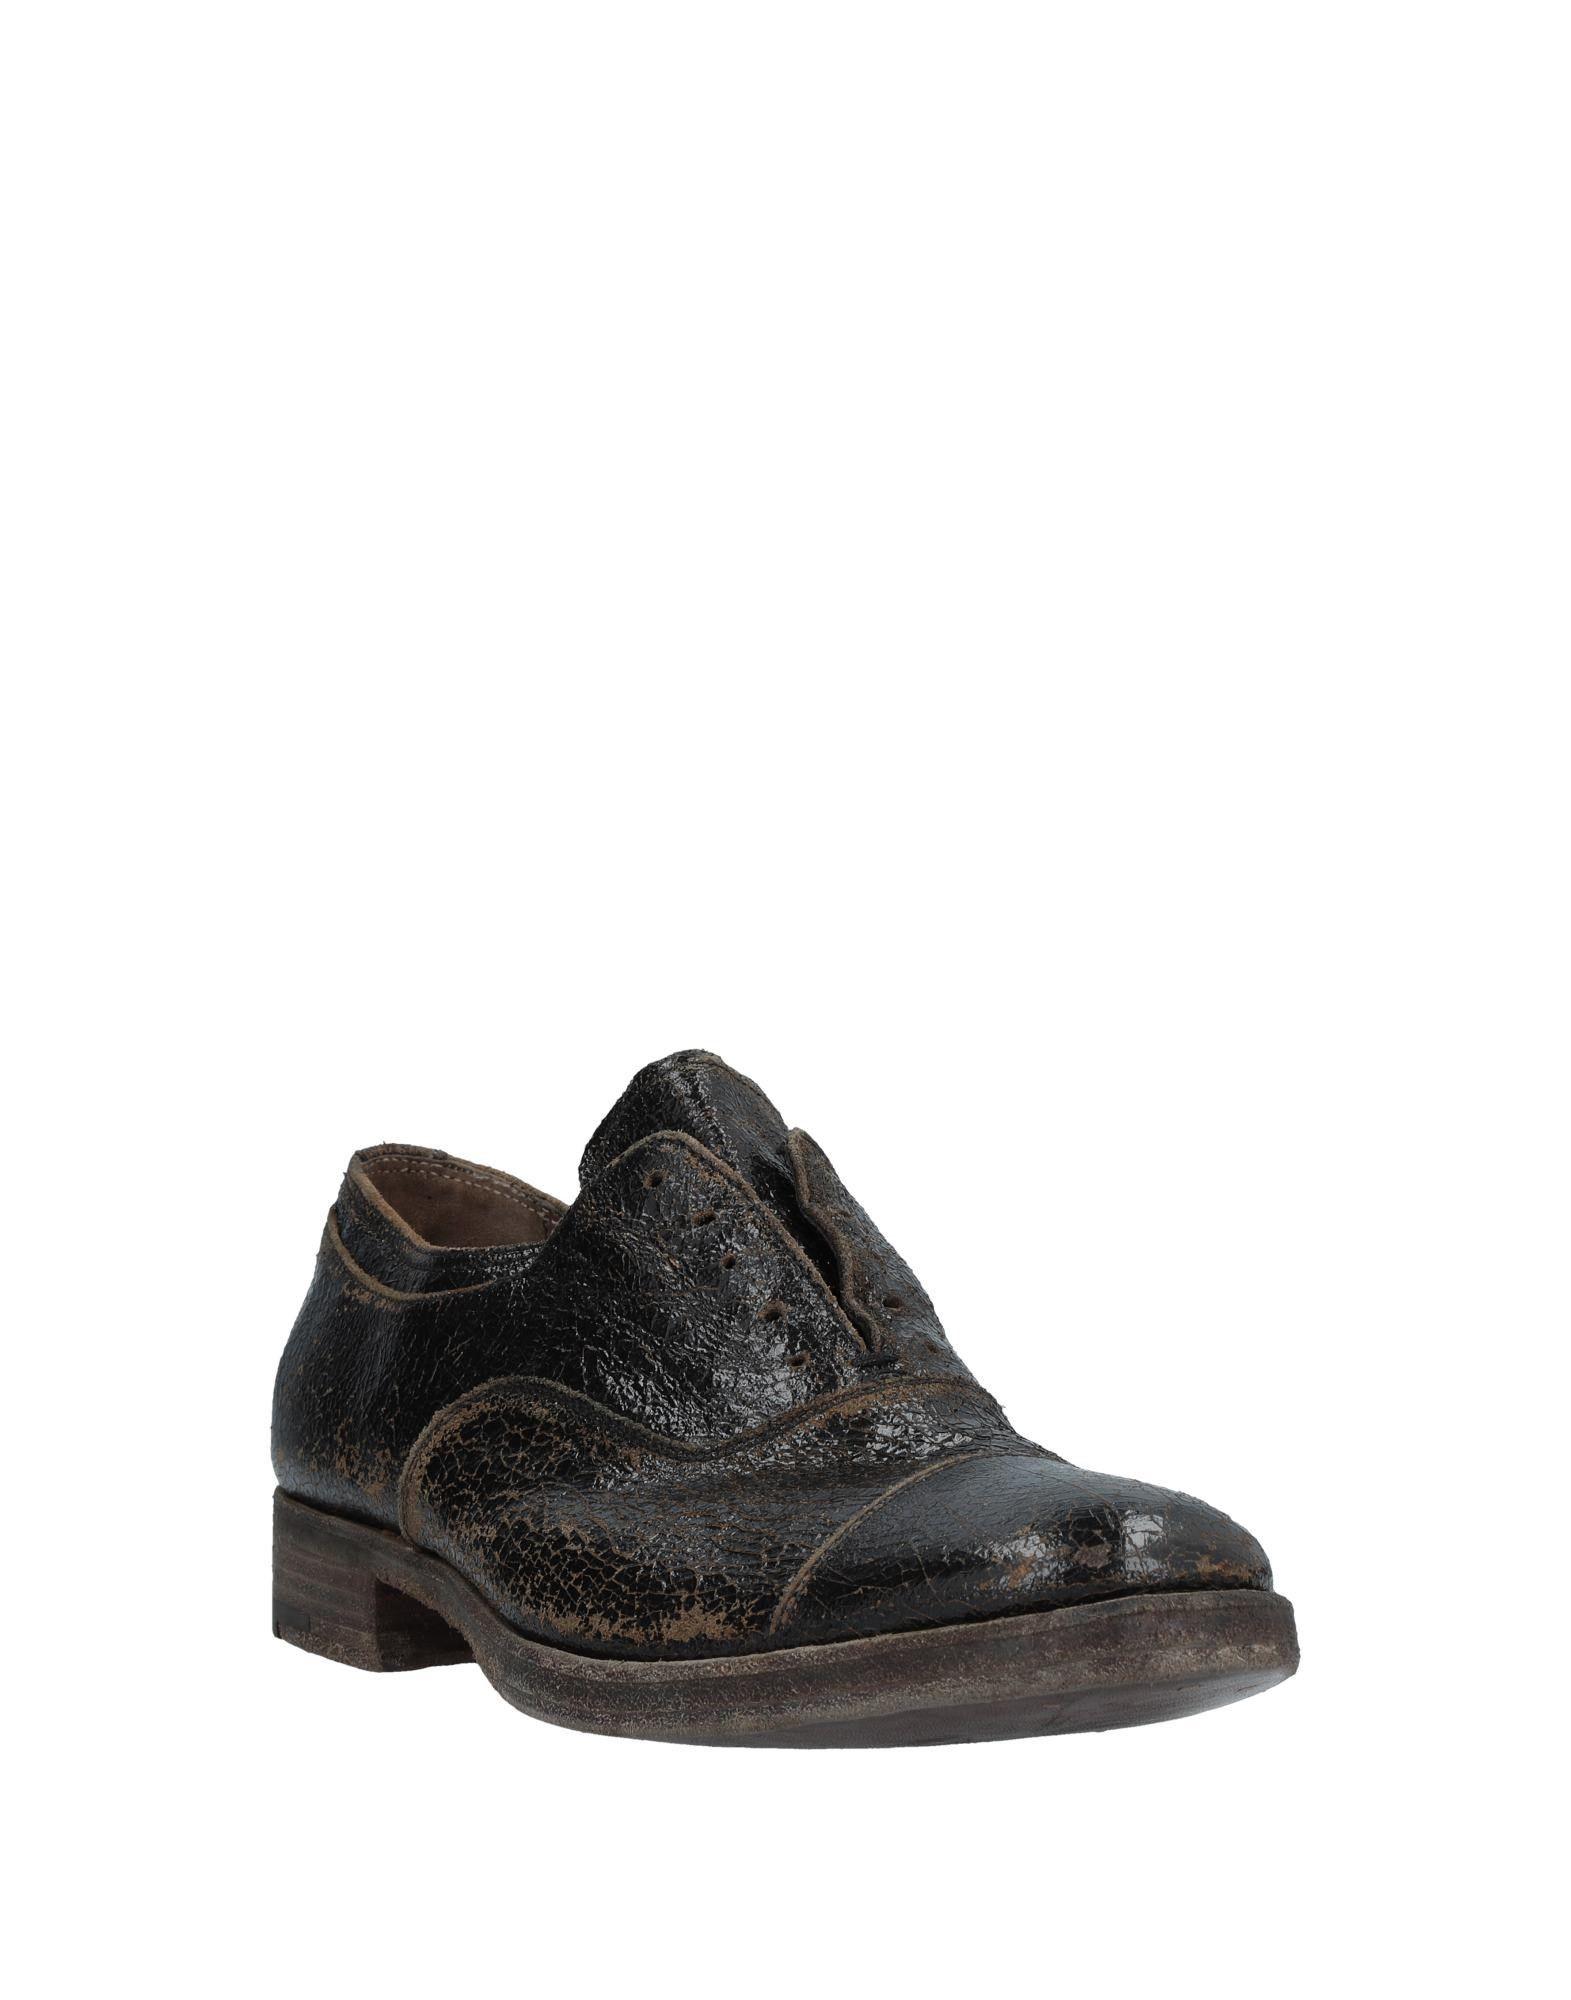 Premiata Mokassins Herren  11531134OS Gute Qualität beliebte Schuhe